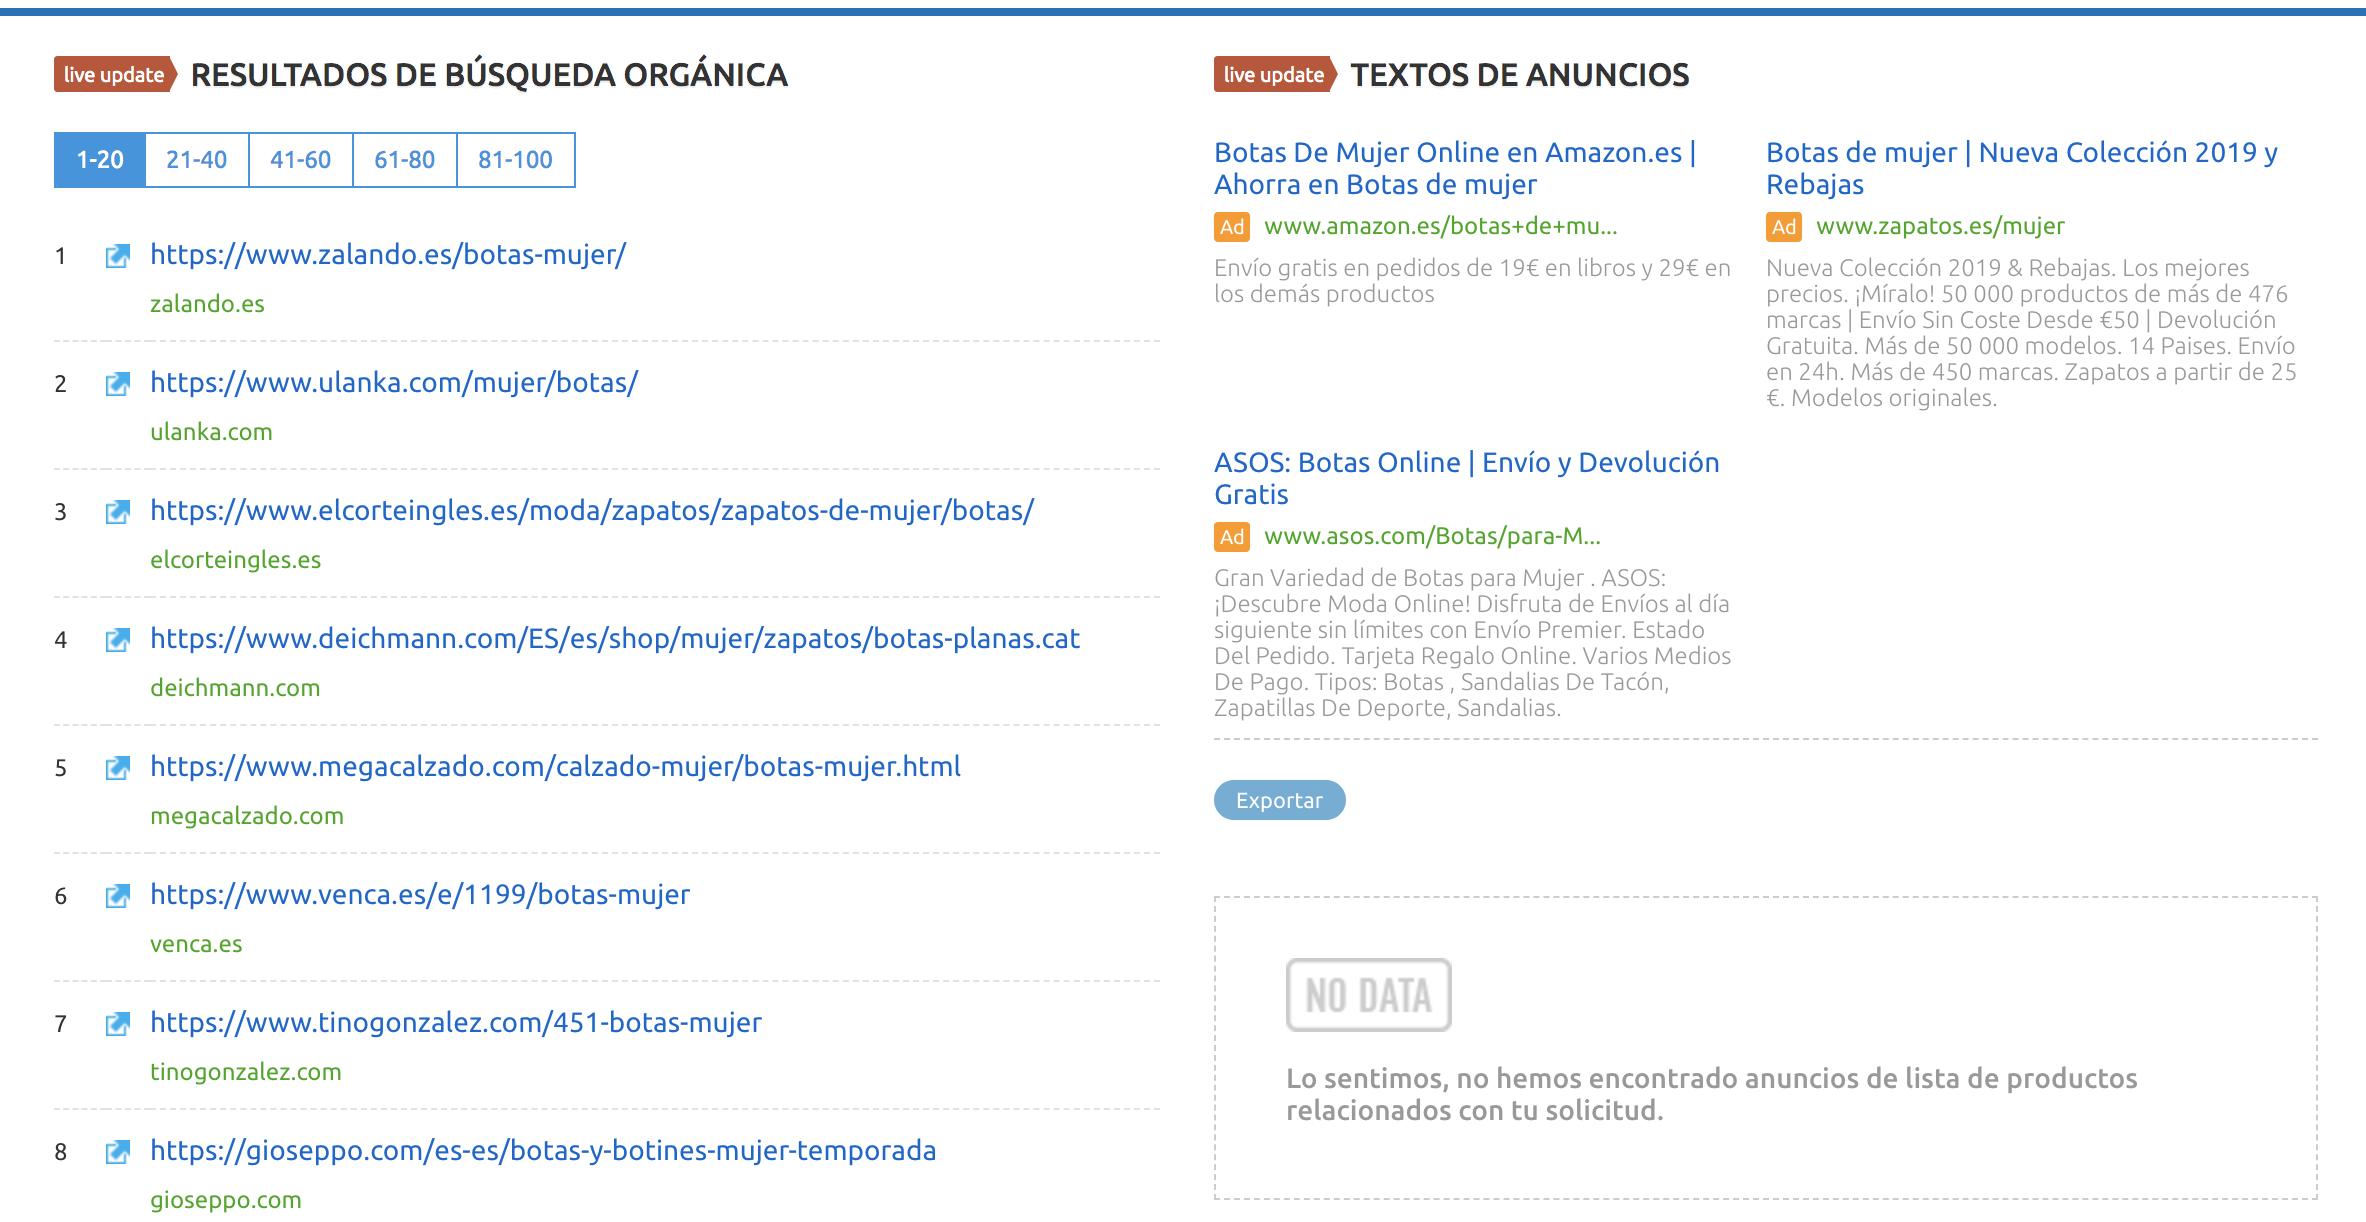 Análisis de keywords - Búsqueda orgánica y Google ads